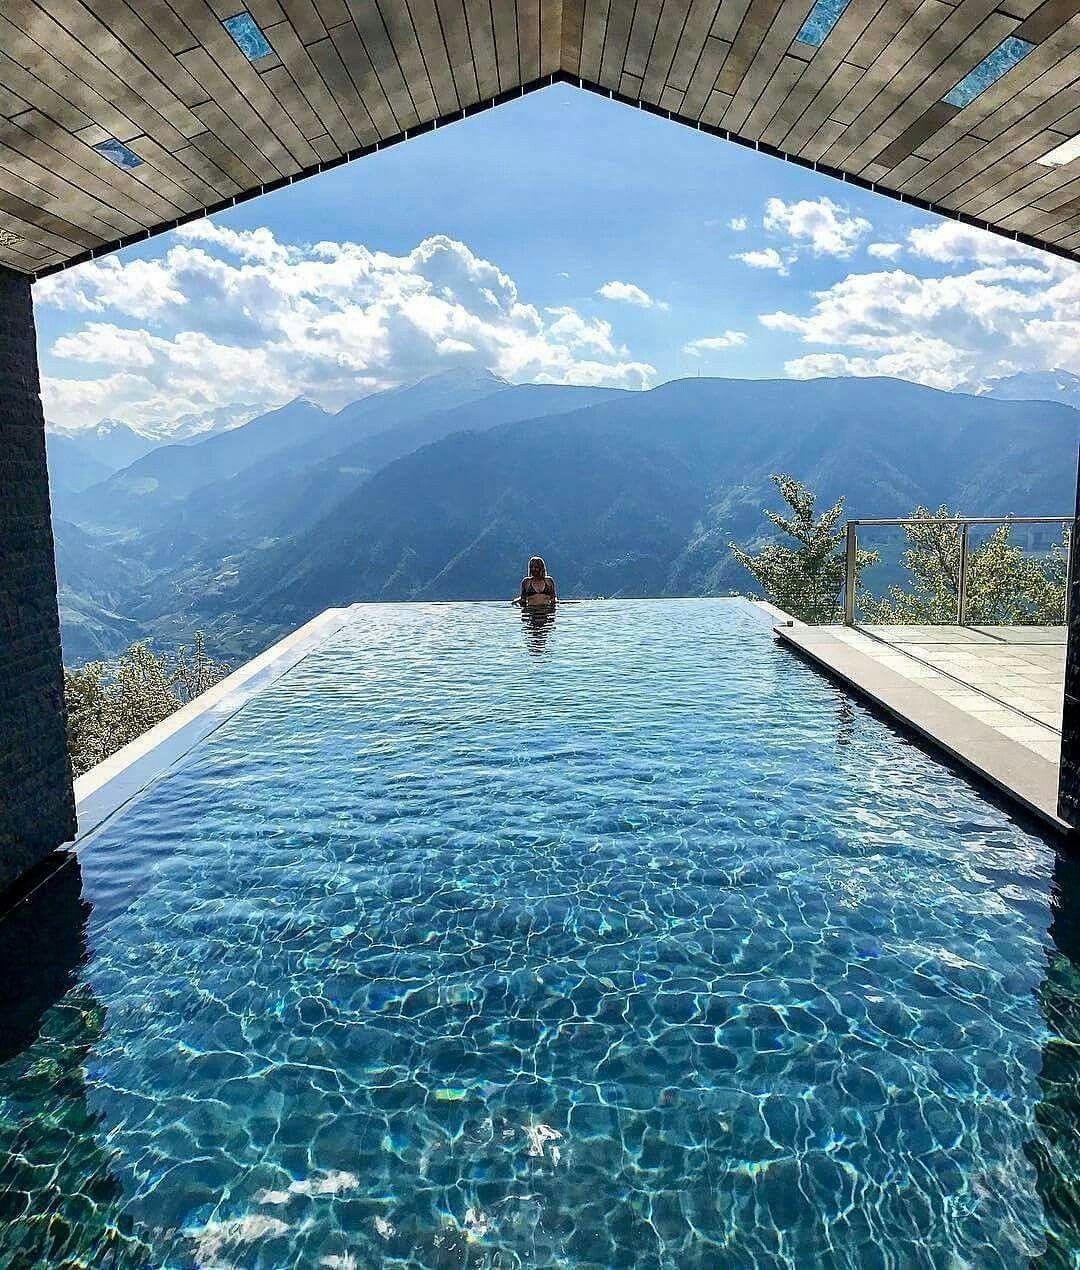 Dit Is Het Miramonti Boutique Hotel In De Dolomieten In Italië Wat Een Uitzicht Volg Ook Droomplekken Nl Amazing Swimming Pools Dream Pools Beautiful Places